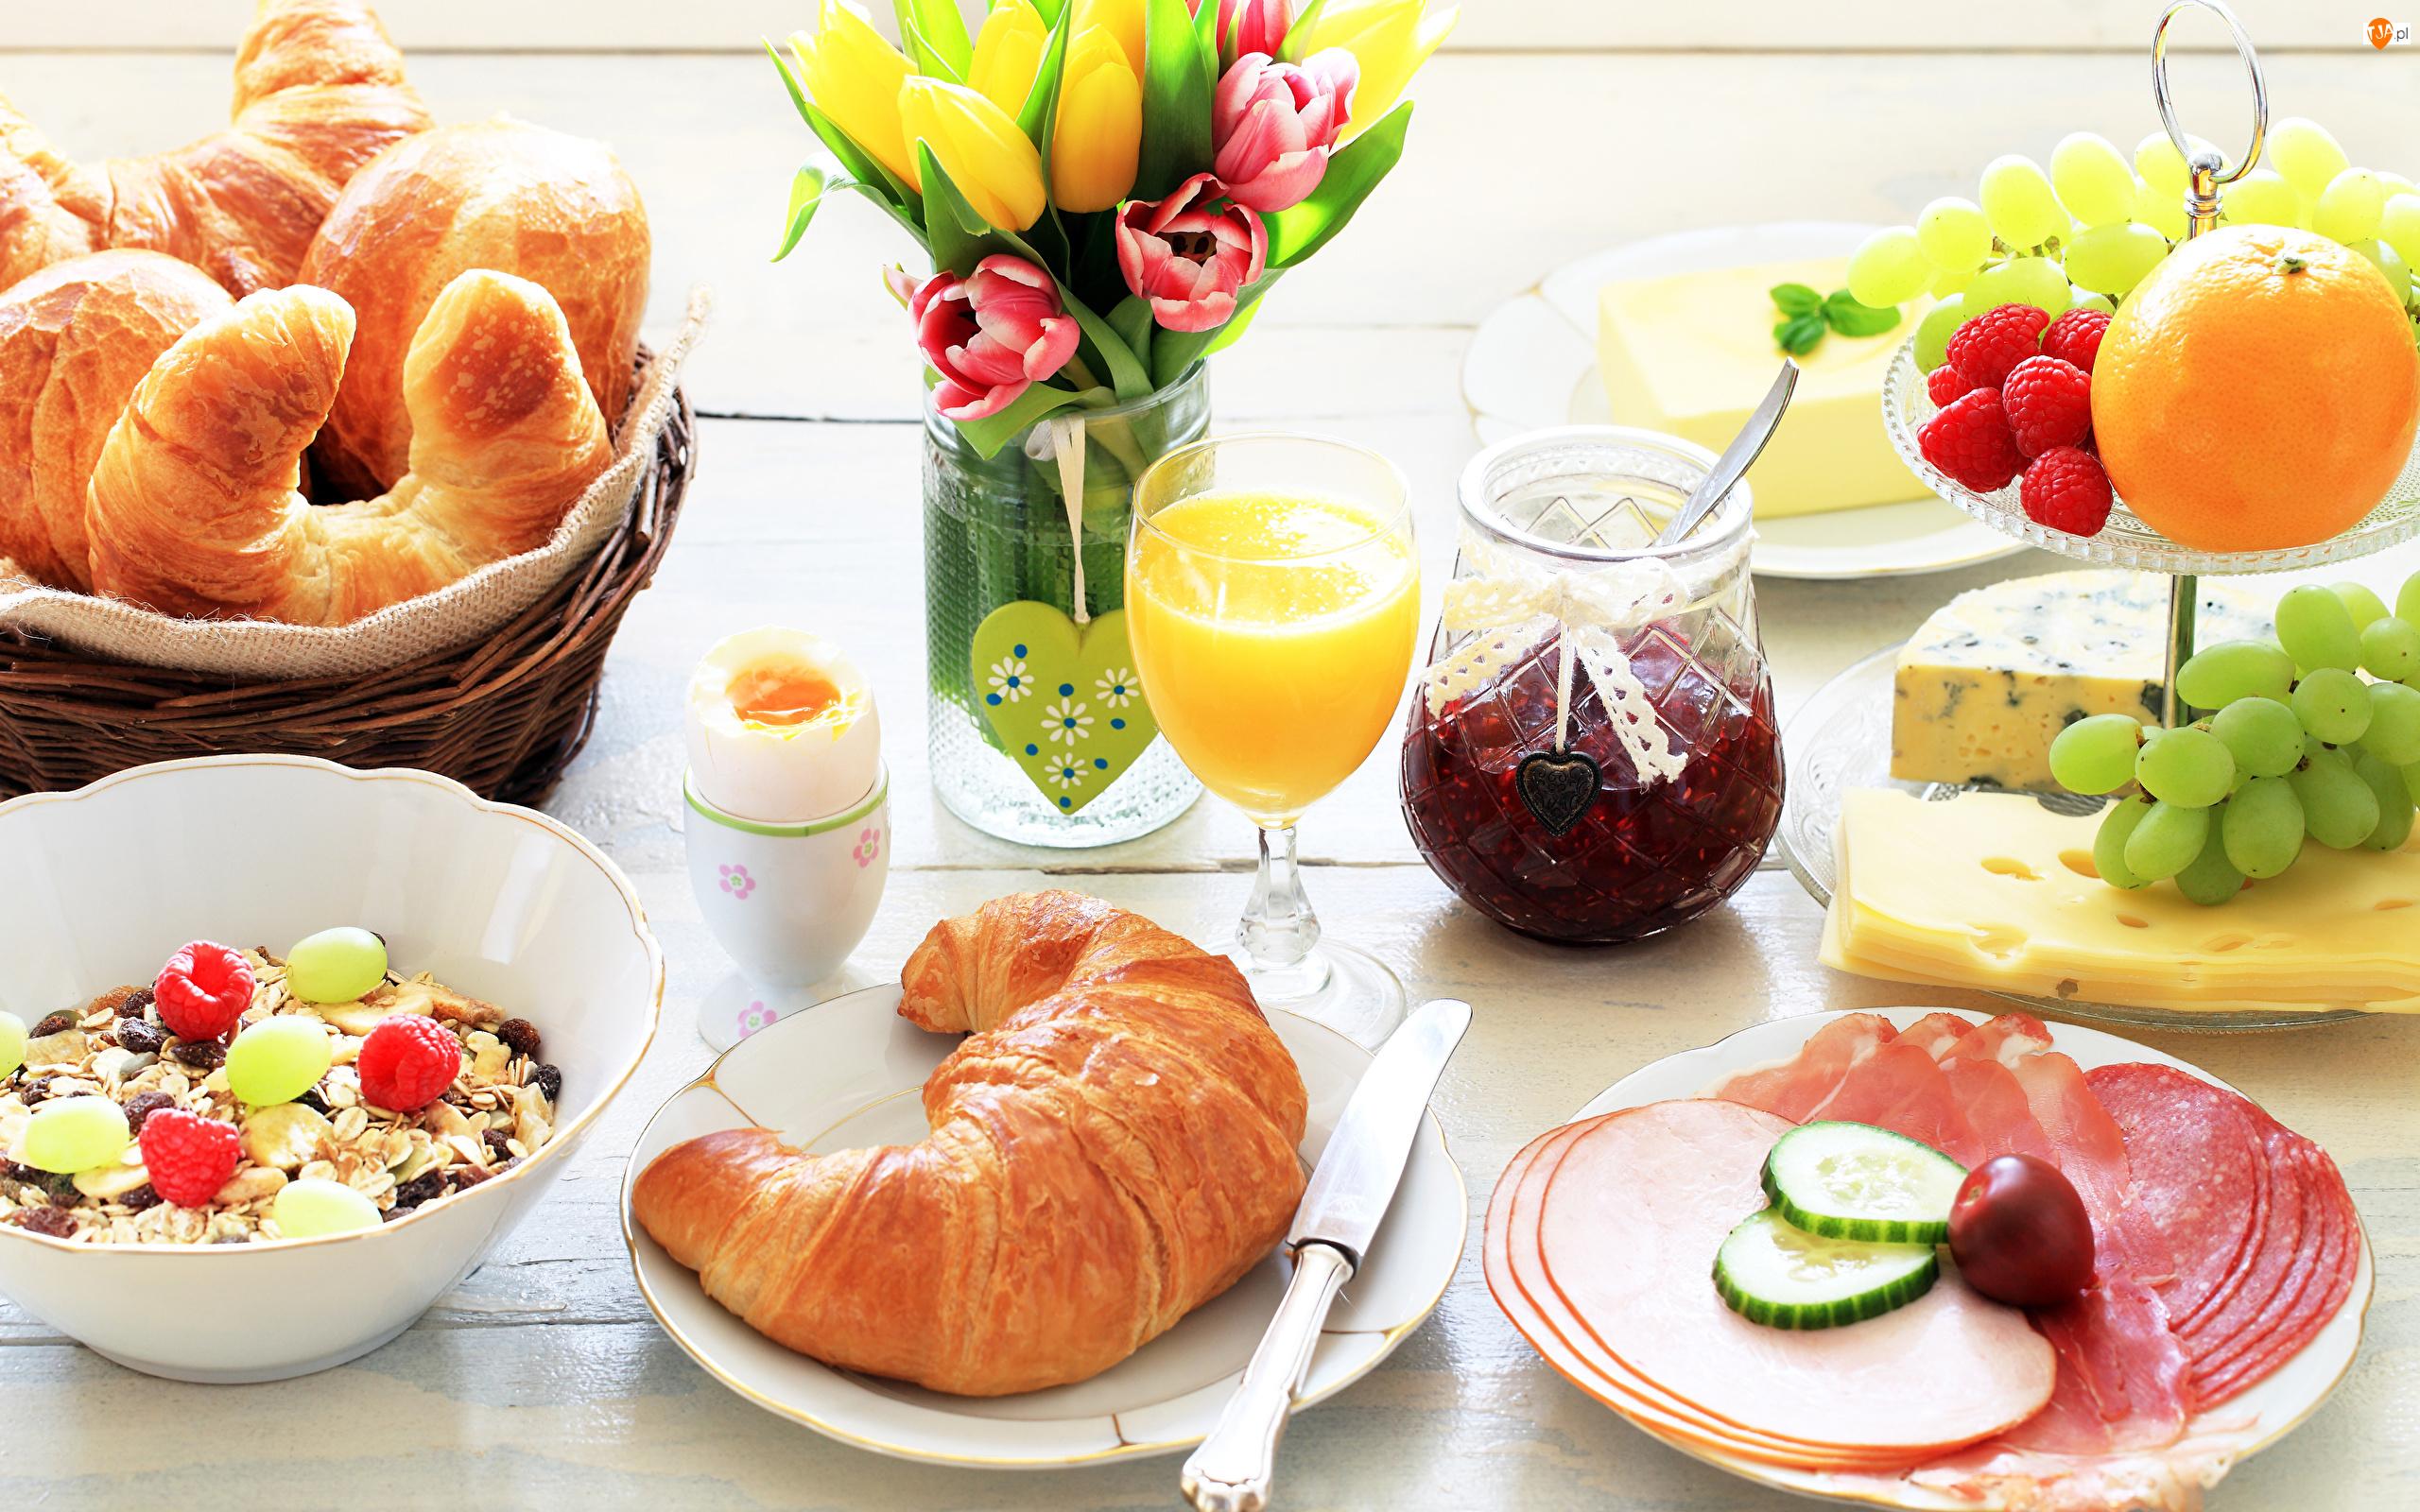 Rogale, Śniadanie, Musli, Tulipany, Wędliny, Kwiaty